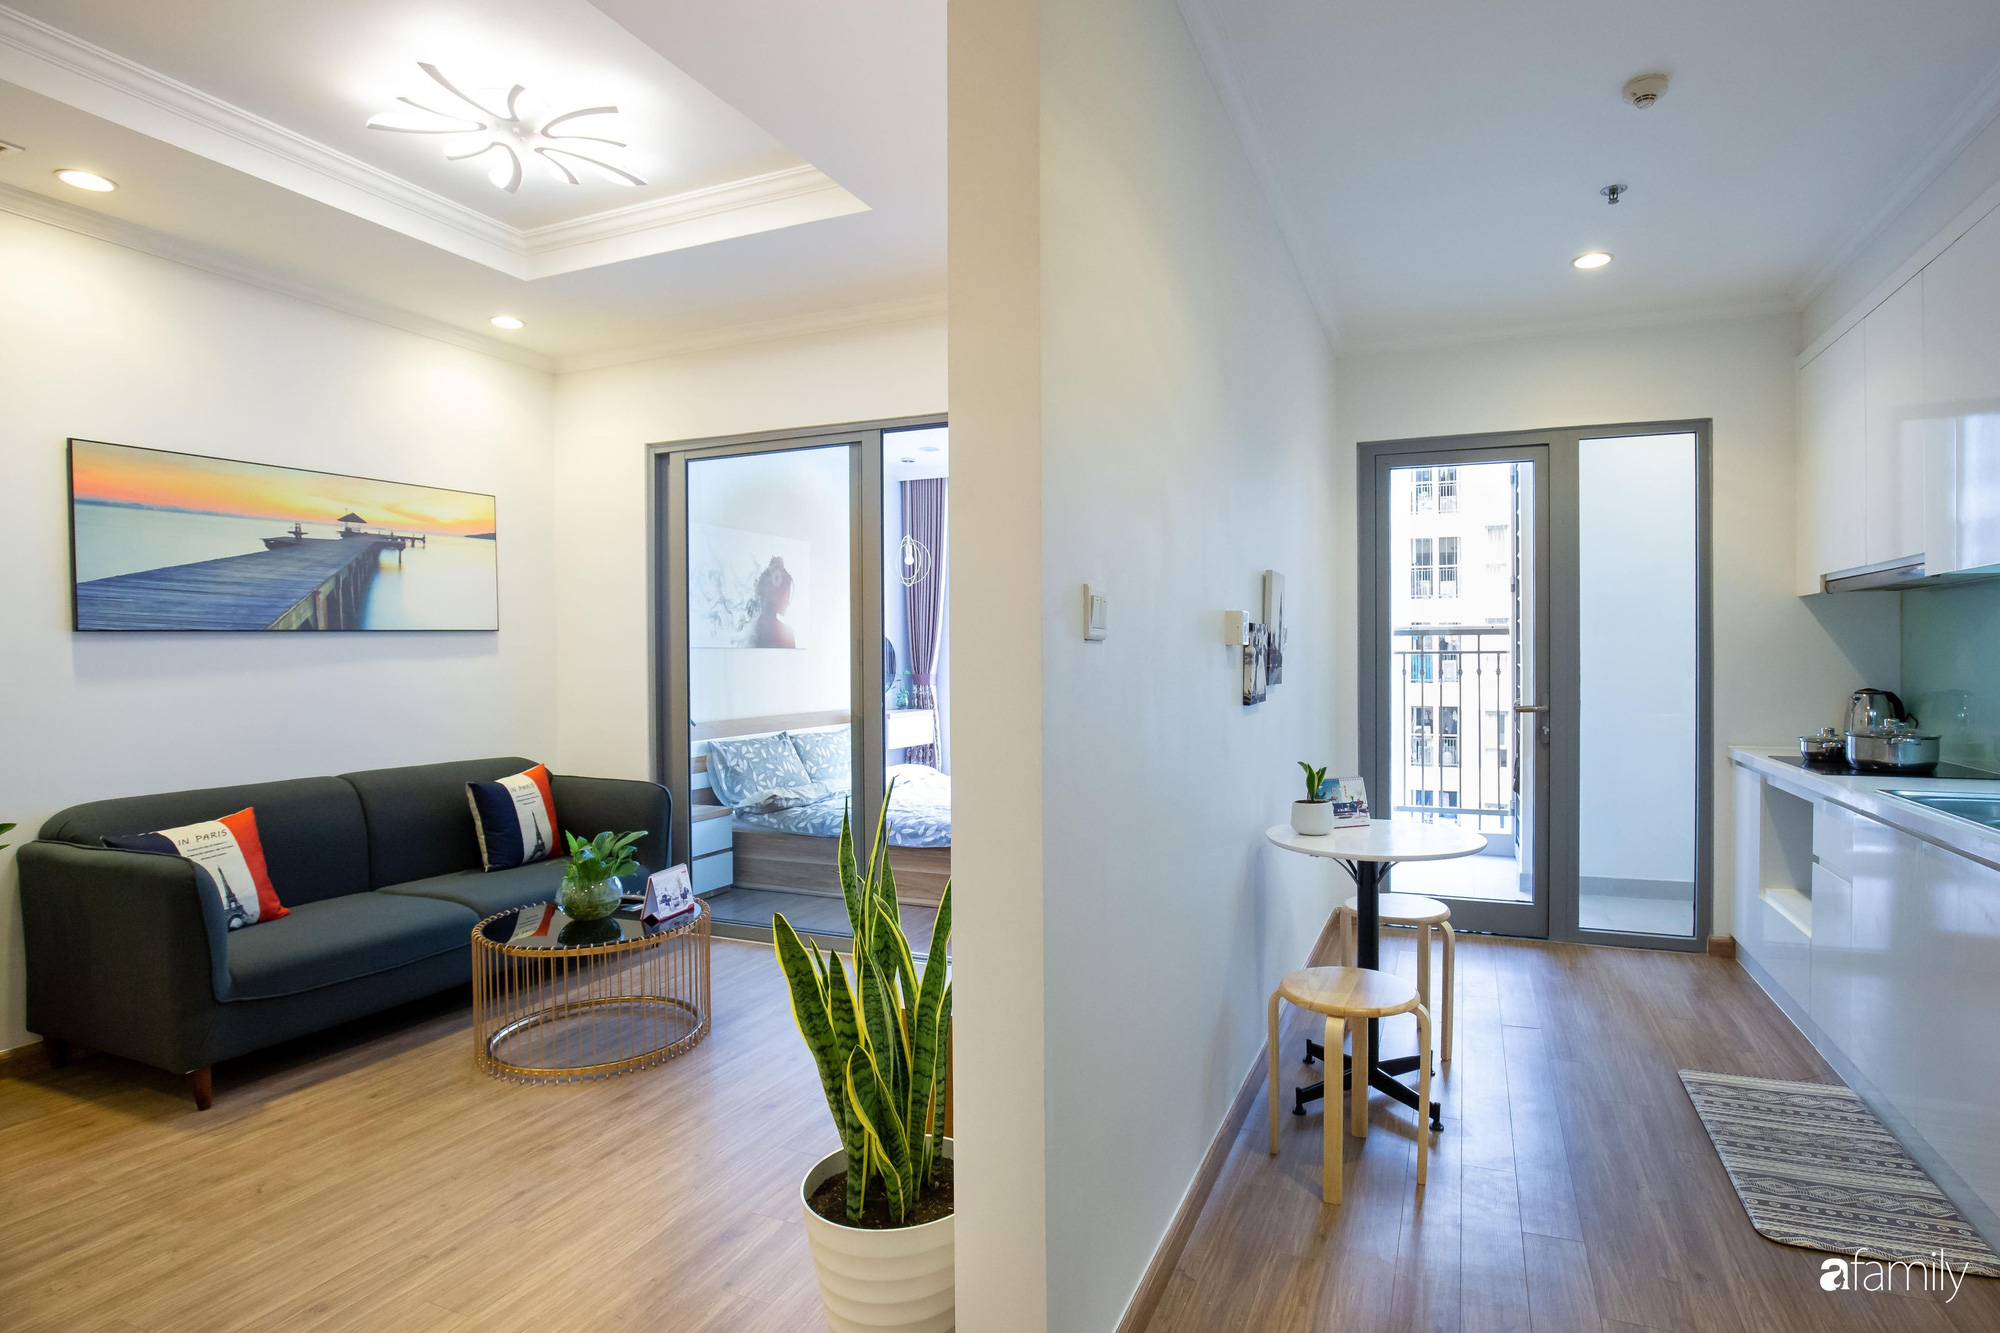 Thiết kế đơn giản với nội thất tiện nghi, căn hộ 53m2 trên tầng cao khiến nhiều người ao ước sở hữu ở Hà Nội - Ảnh 5.